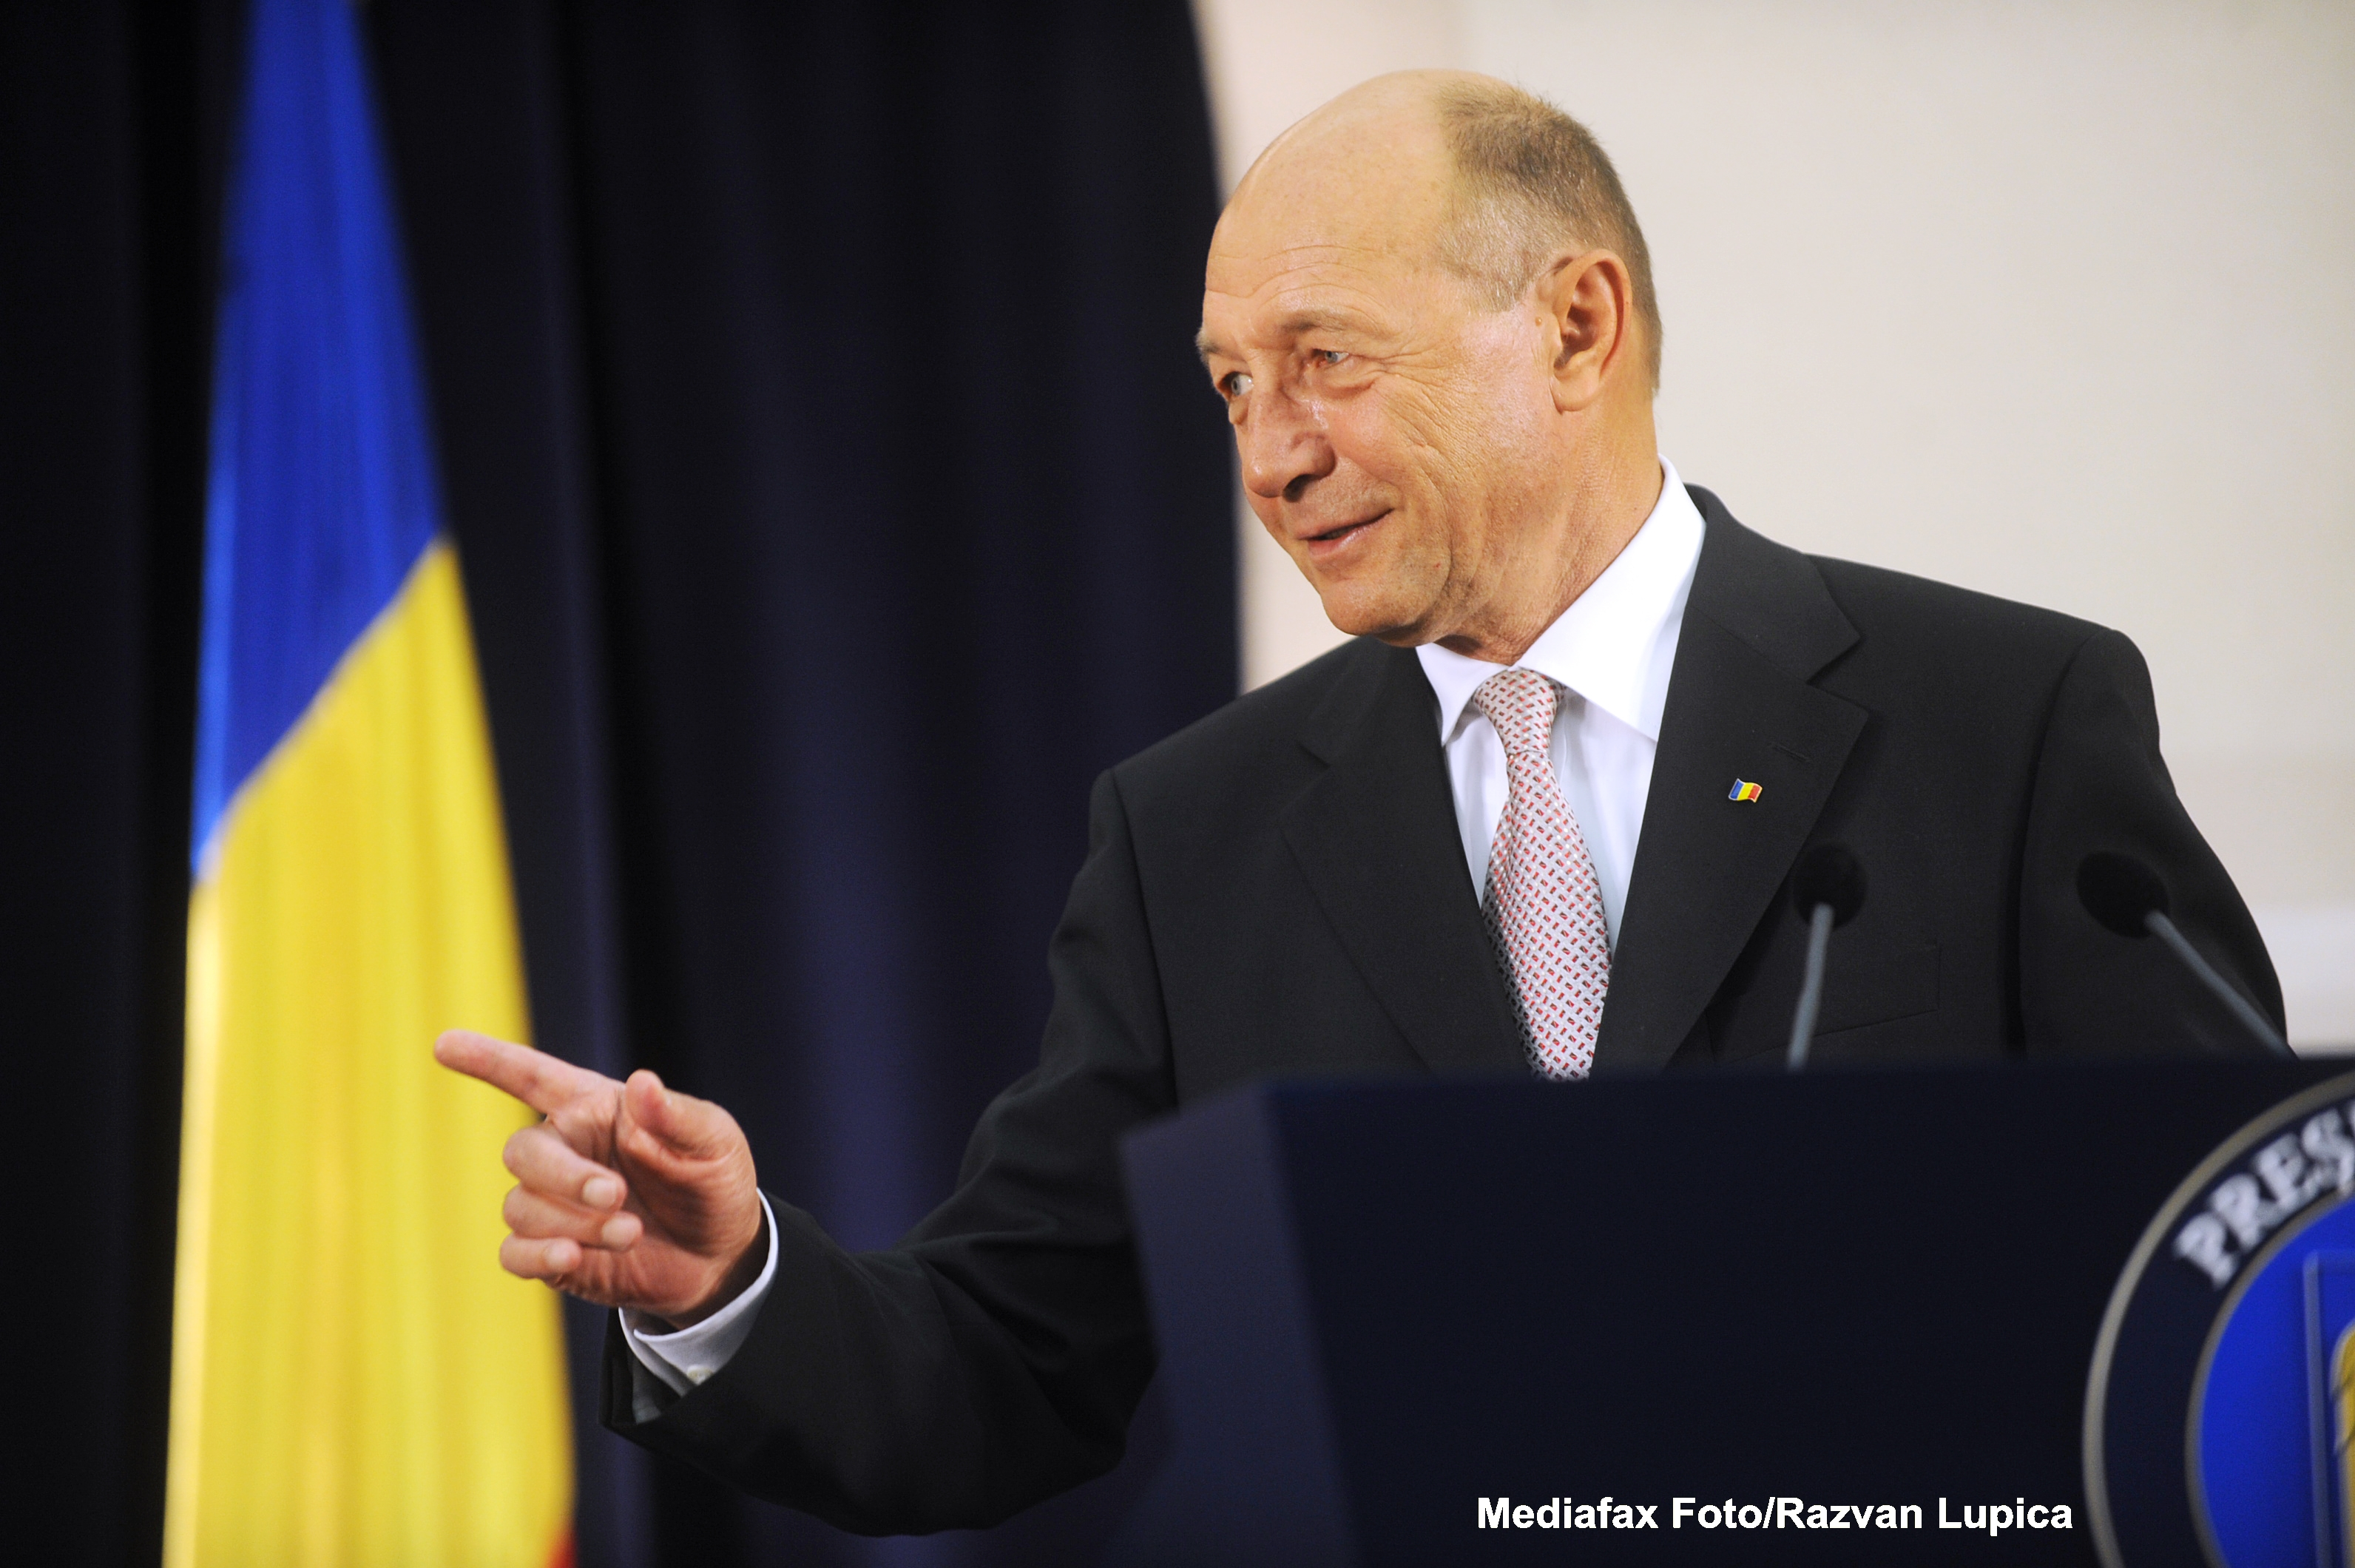 Au demisionat din ministere, dar nu au fost inlocuiti. Traian Basescu: